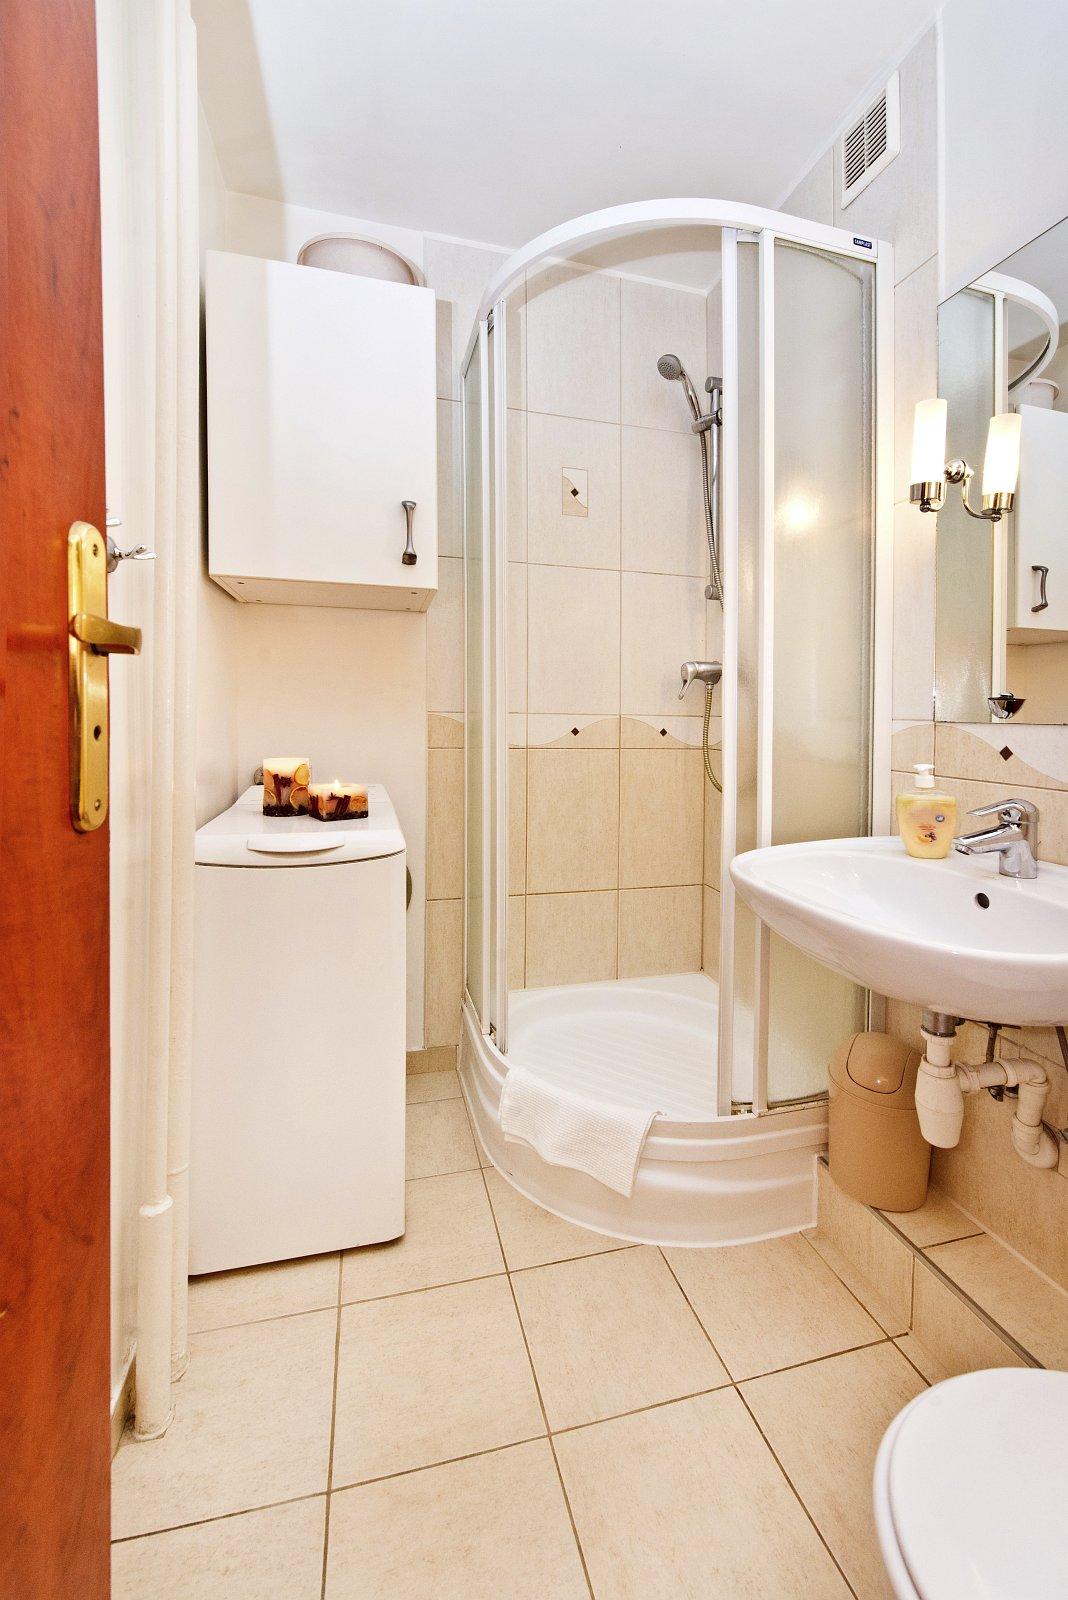 mieszkanie-wynajem-gdansk-k-03-01web